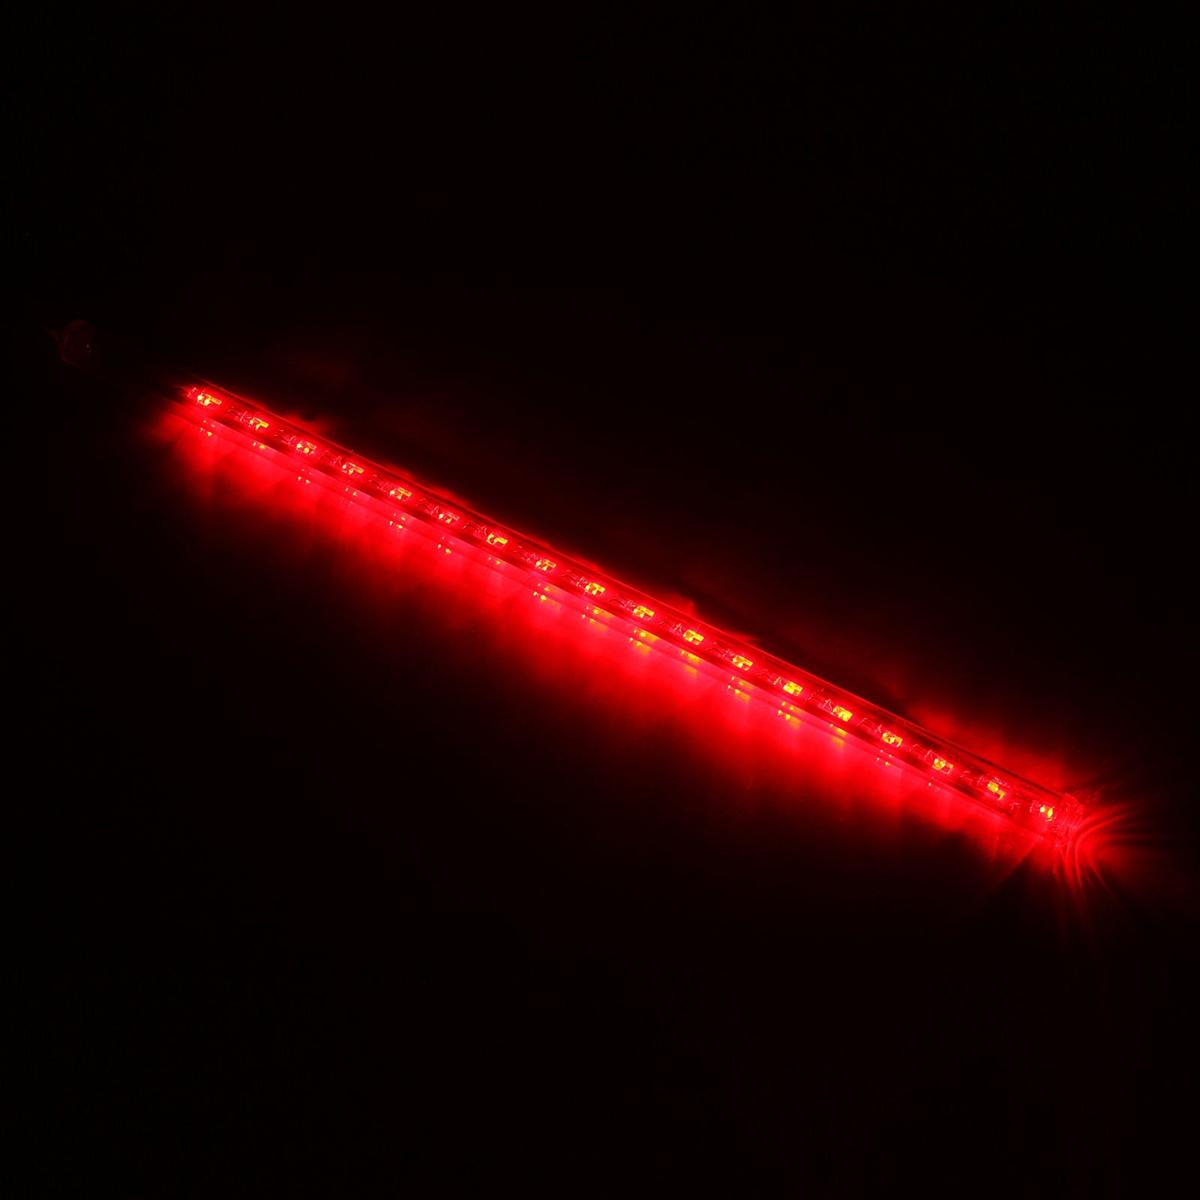 Светодиодная сосулька Luazon Тающая, длина 0,3 м, диаметр 2 см, LED 18 ламп, 220V, цвет: красный678893Светодиодные гирлянды, ленты и т.д — это отличный вариант для новогоднего оформления интерьера или фасада. С их помощью помещение любого размера можно превратить в праздничный зал, а внешние элементы зданий, украшенные ими, мгновенно станут напоминать очертания сказочного дворца. Такие украшения создают ауру предвкушения чуда. Деревья, фасады, витрины, окна и арки будто специально созданы, чтобы вы украсили их светящимися нитями.